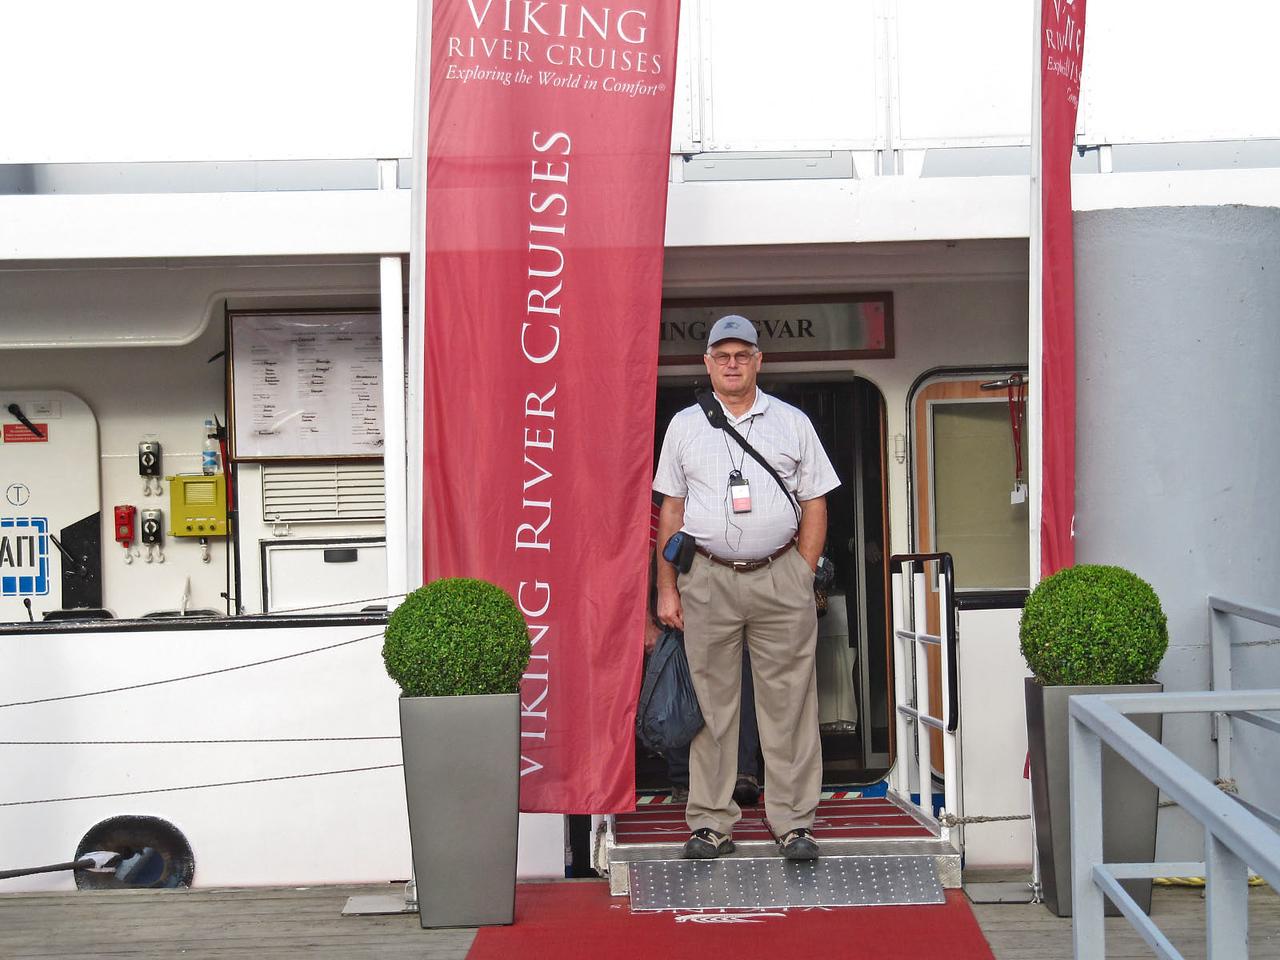 Leaving Viking Ingvar for Morning Tour